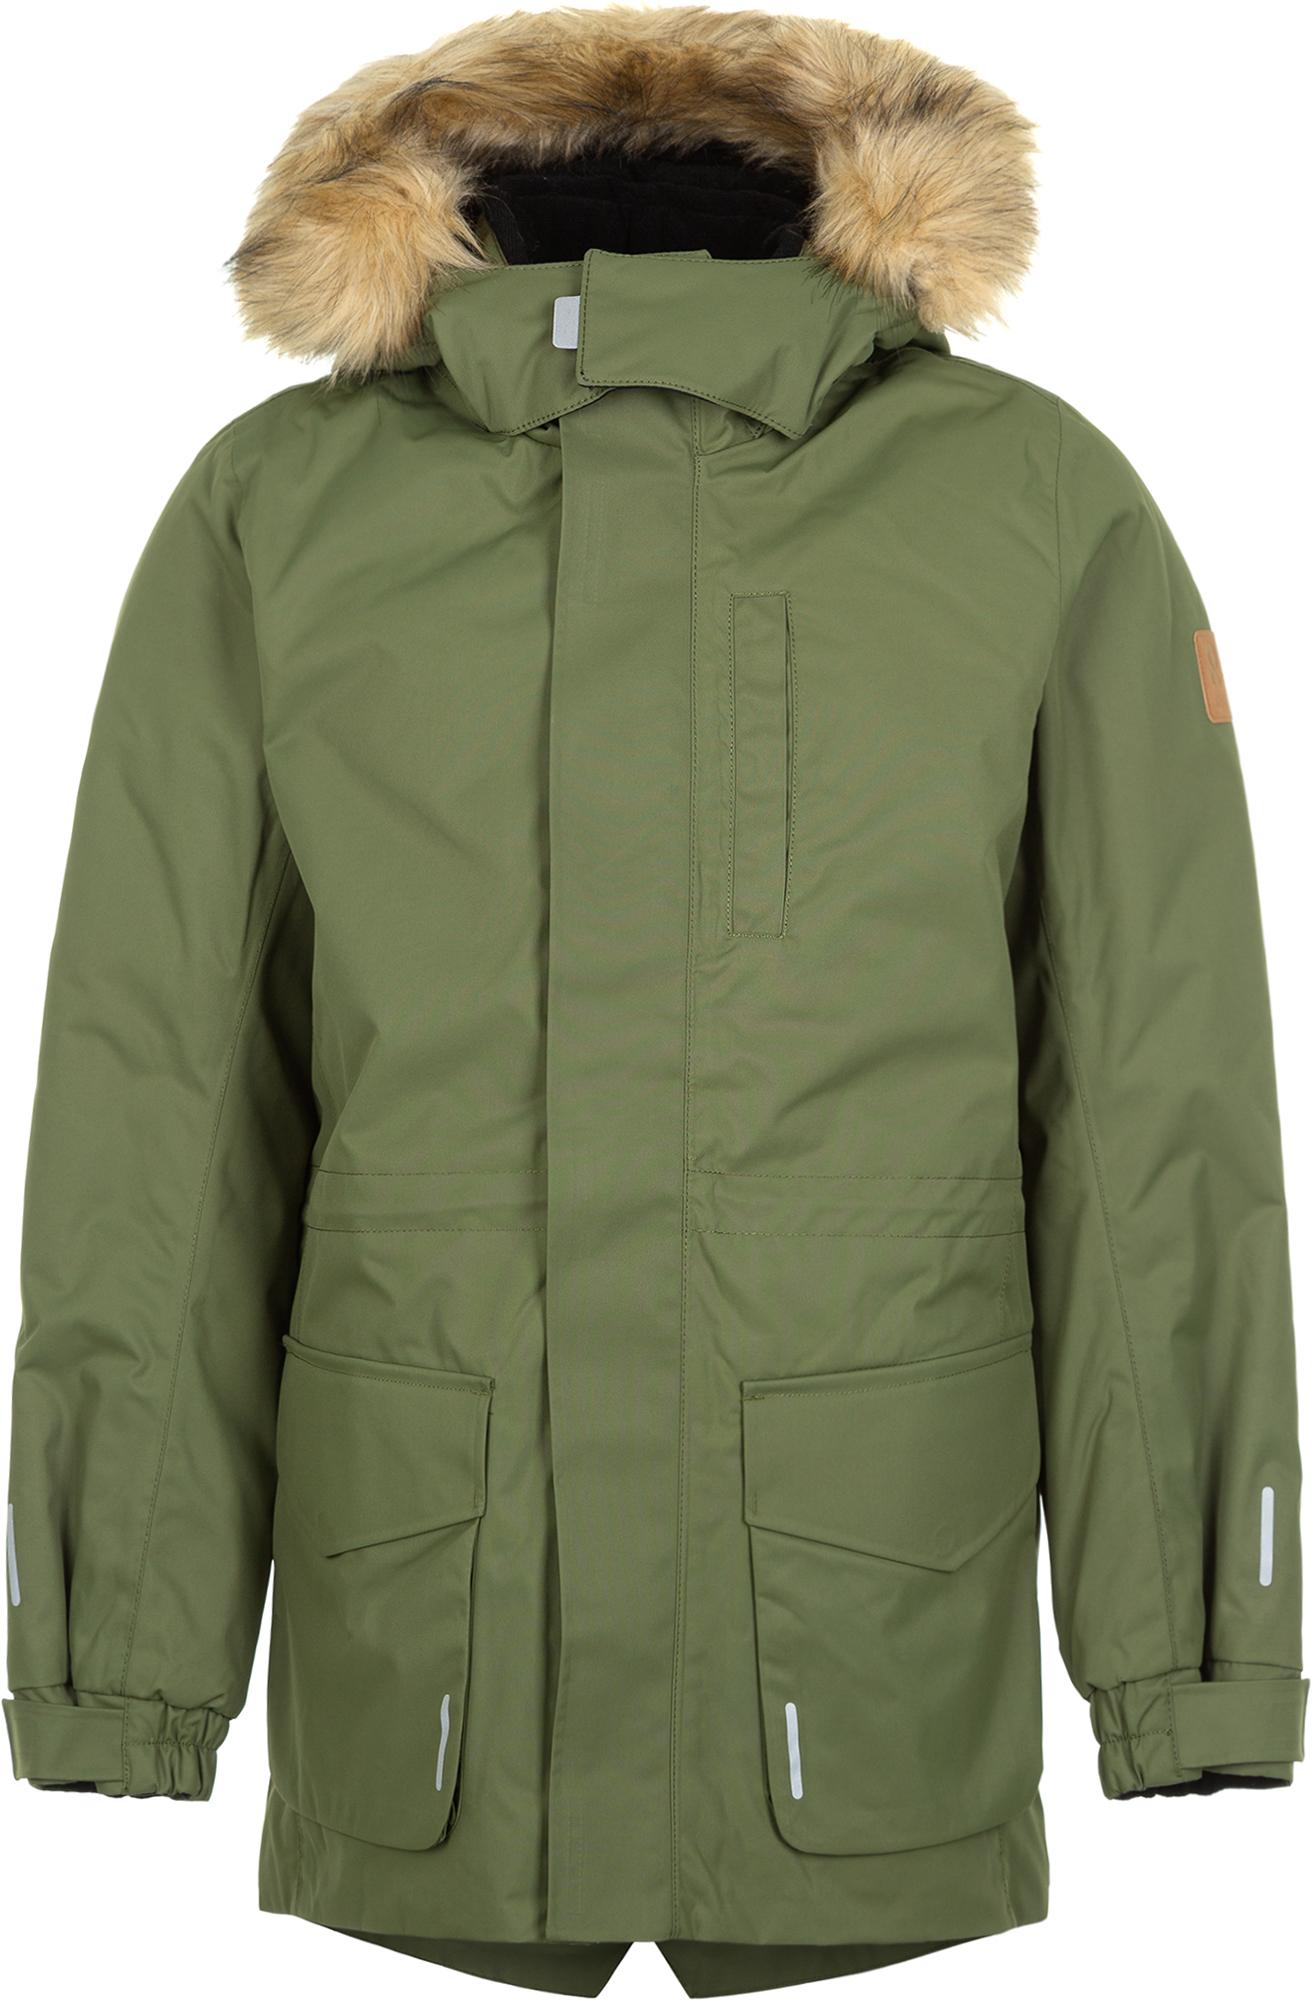 Reima Куртка утепленная для мальчиков Naapuri, размер 158